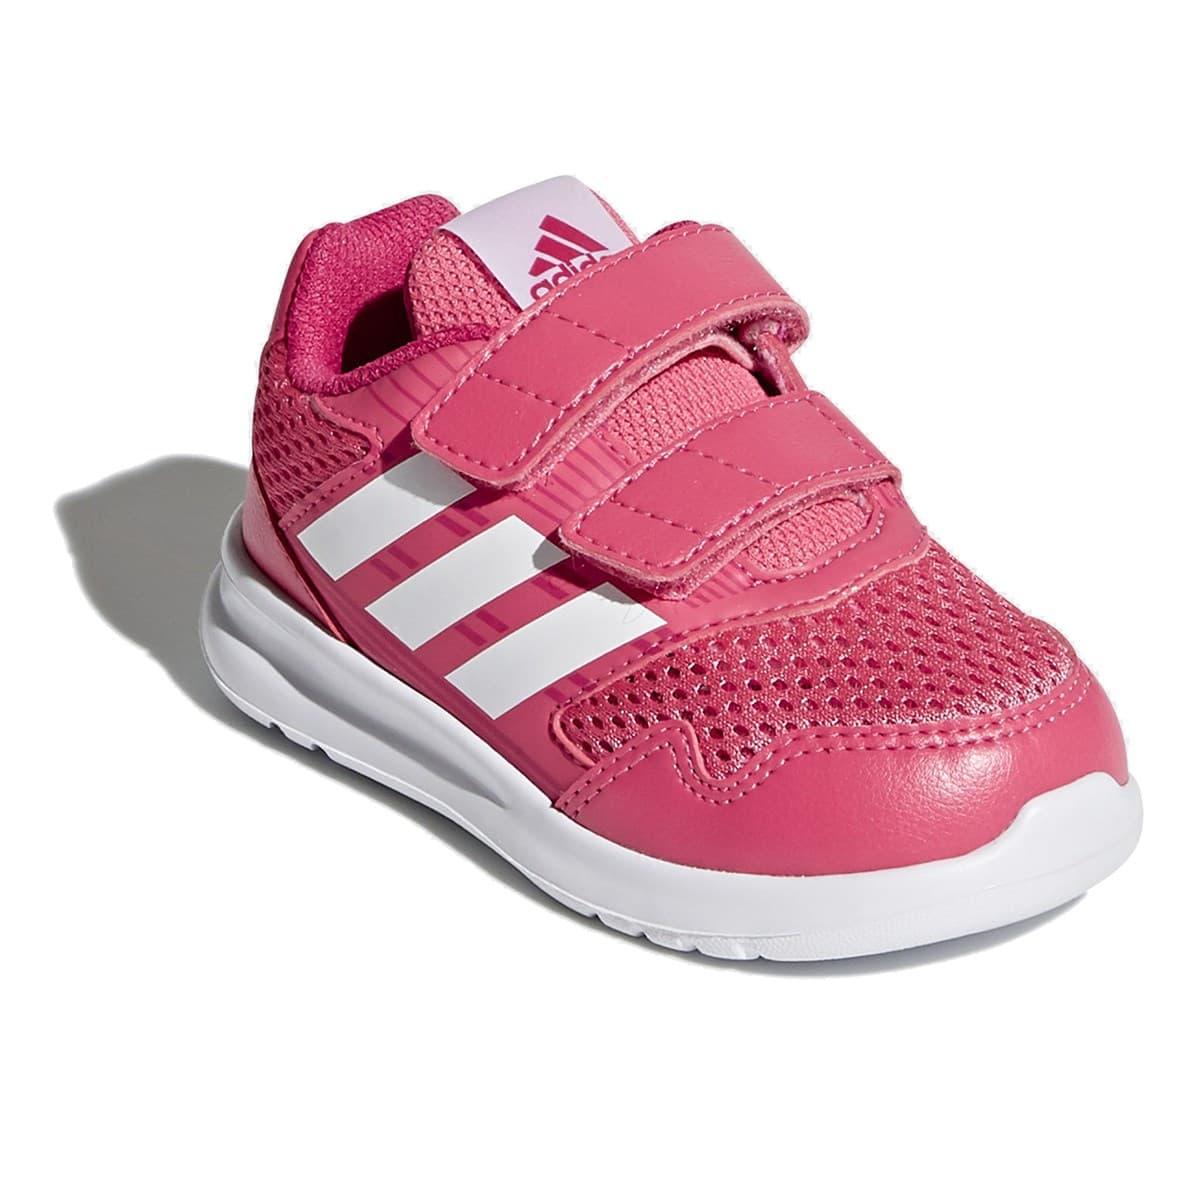 AltaRun CF Bebek Pembe Spor Ayakkabısı